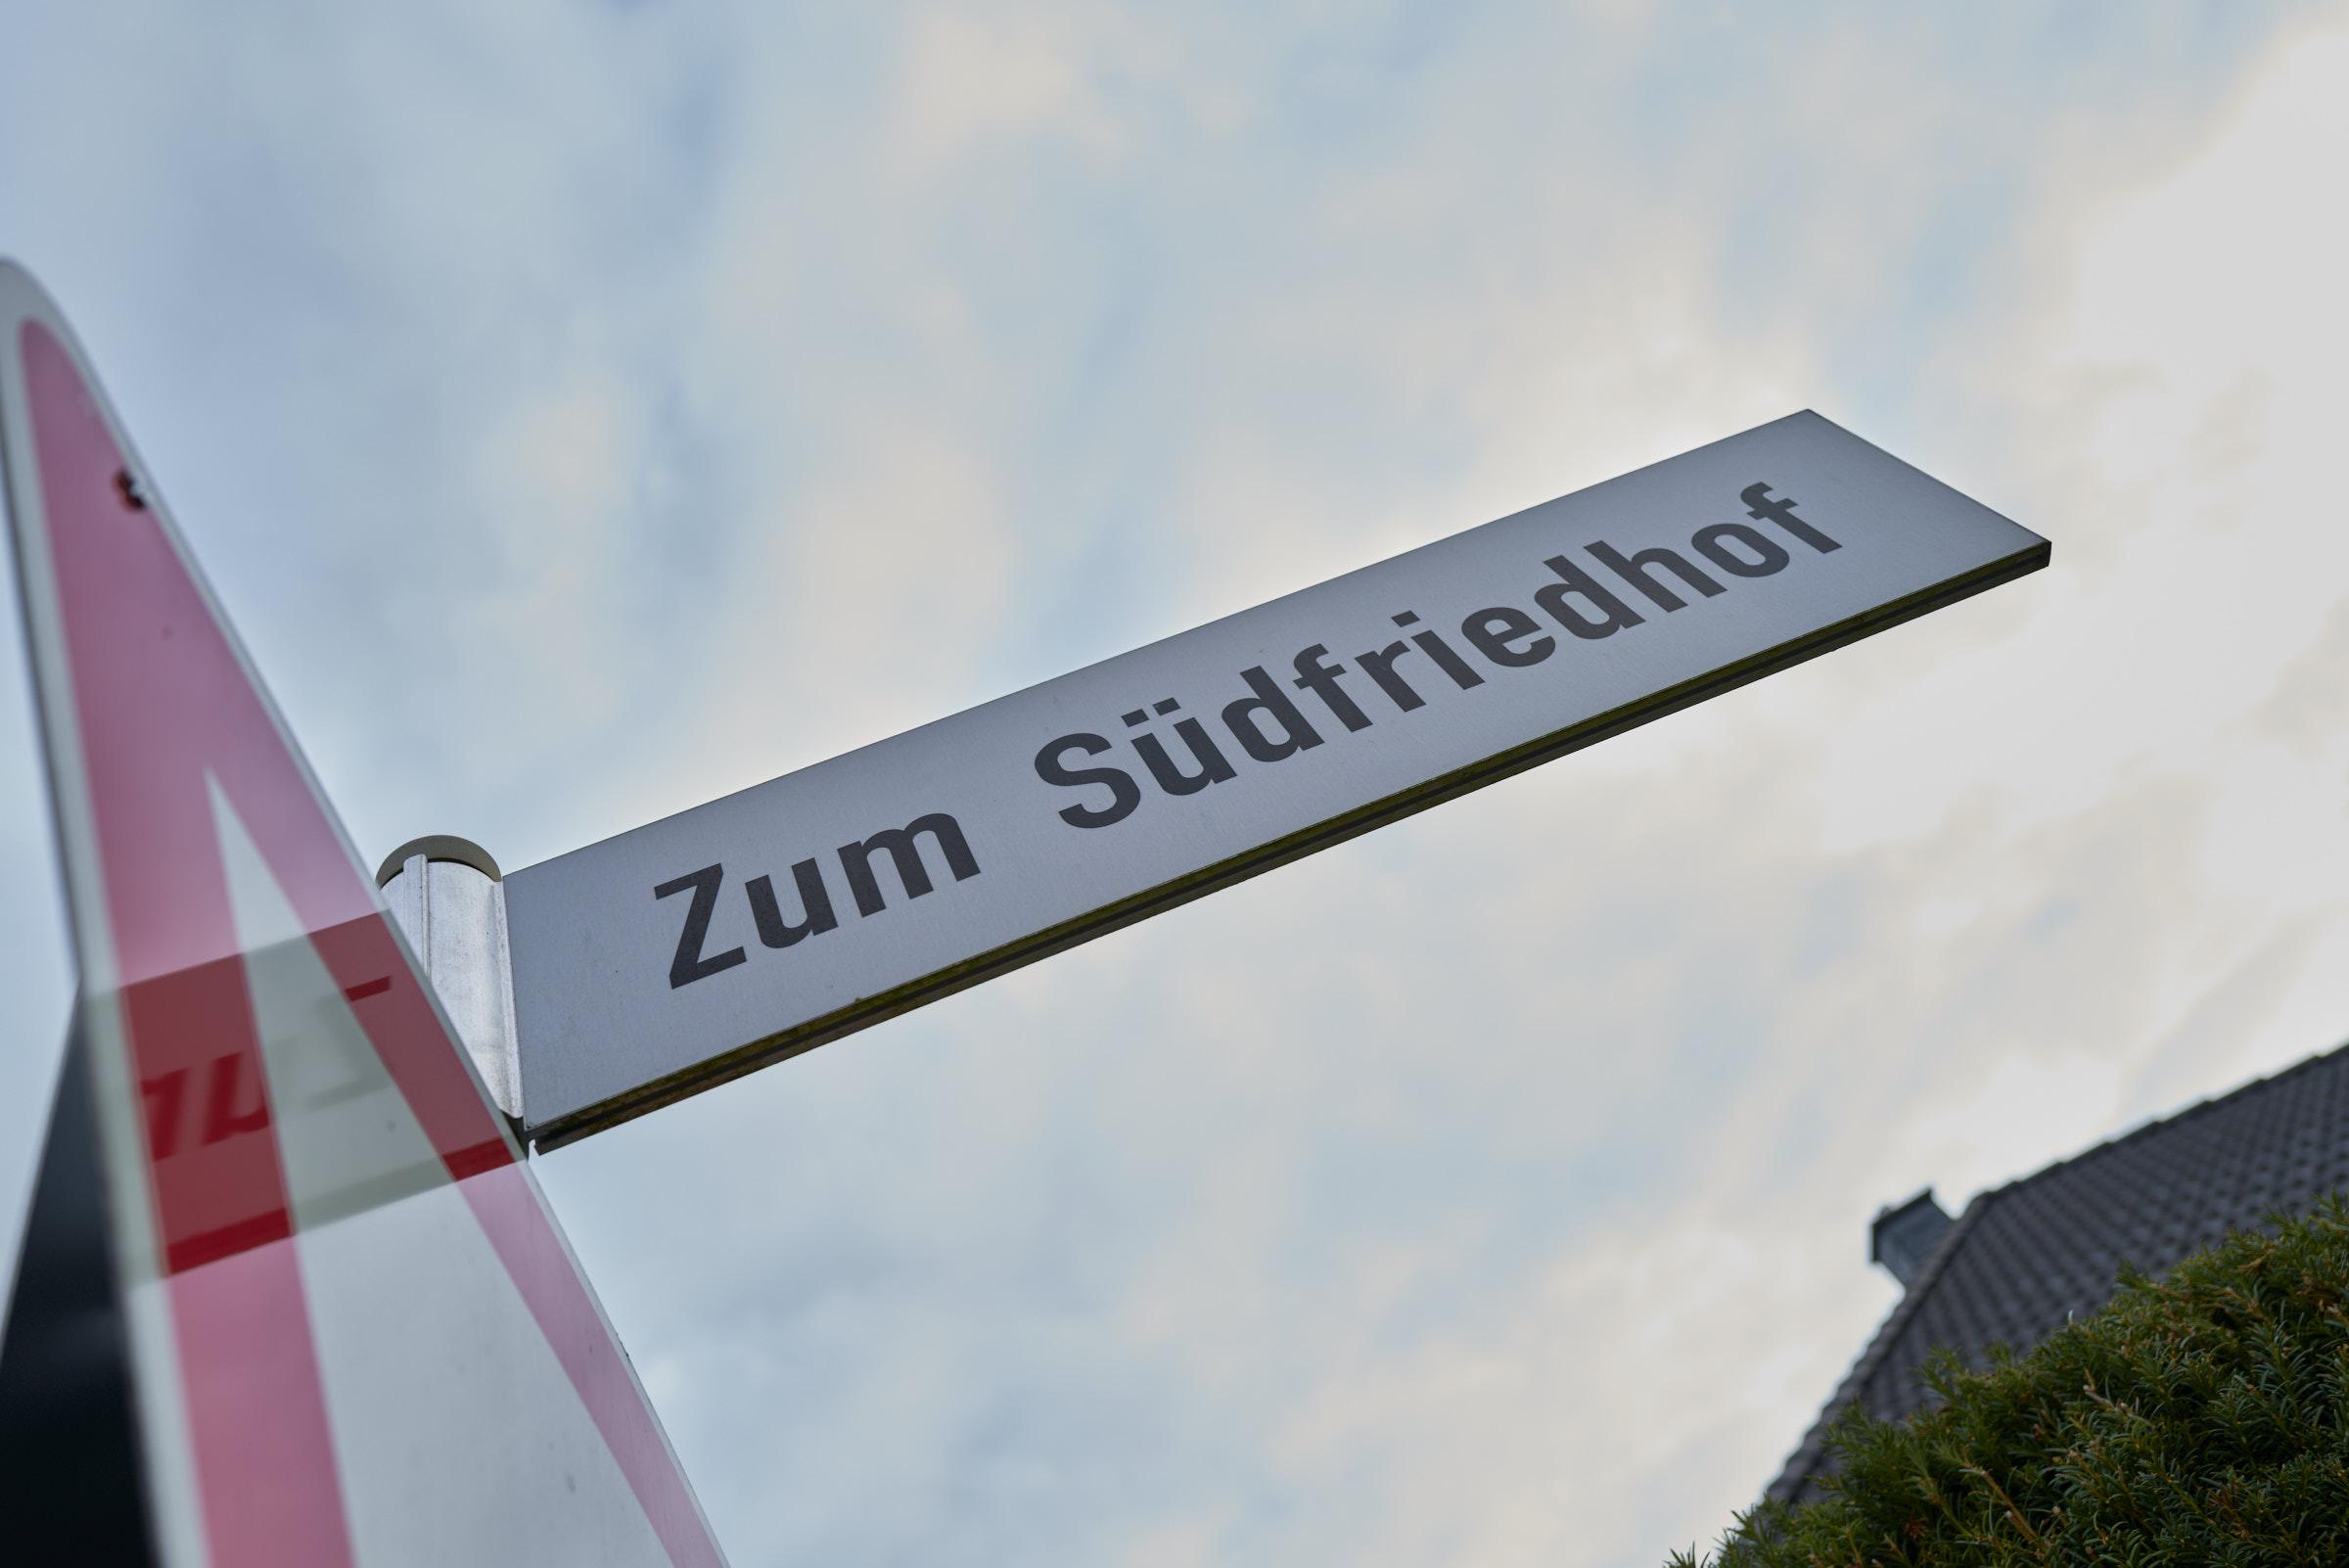 ZumSuedfriedhof_2